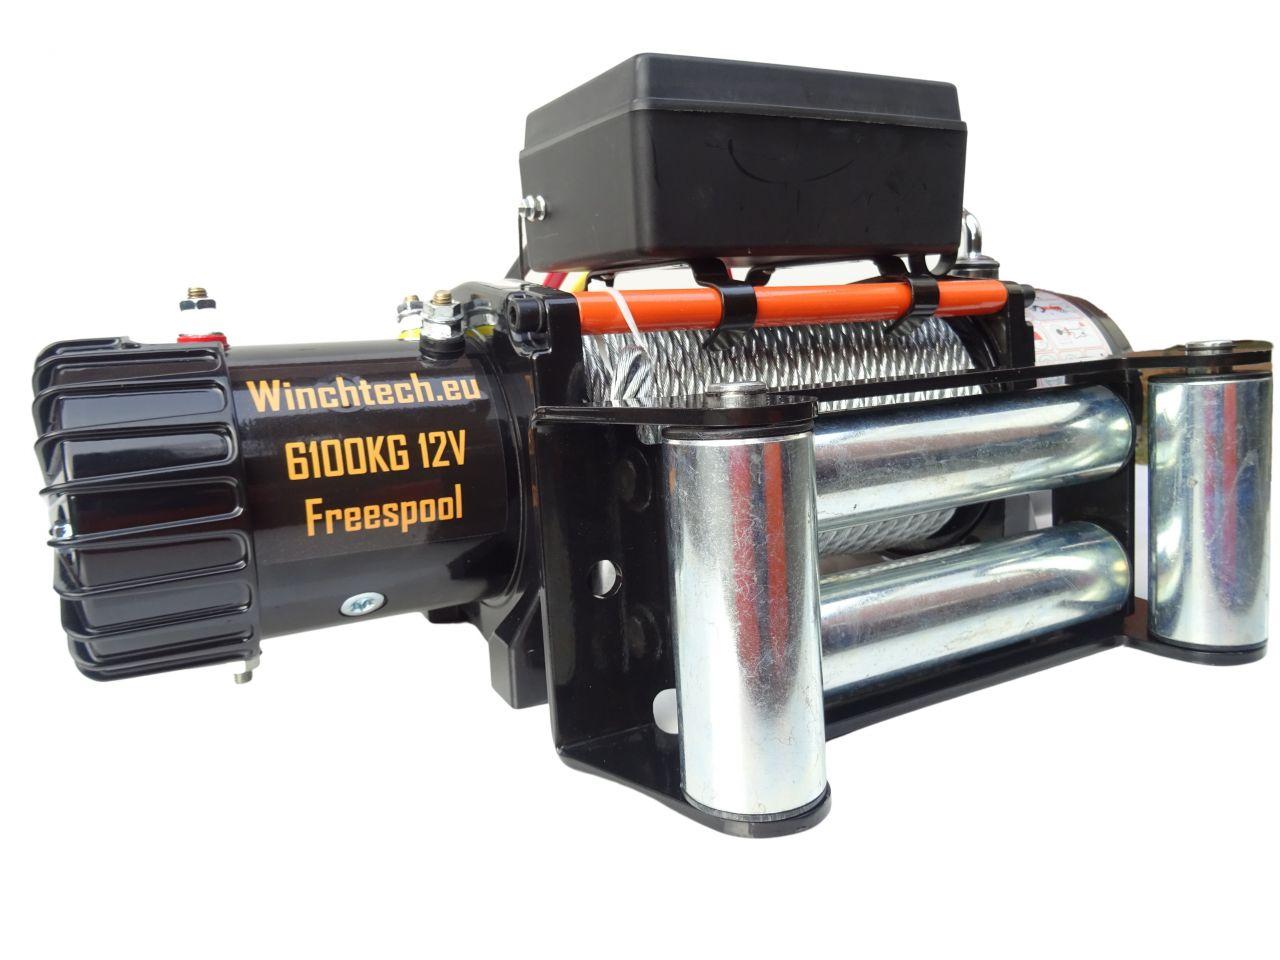 Winchtech 12v of 24v elektrische lier met staalkabel 6100 KG